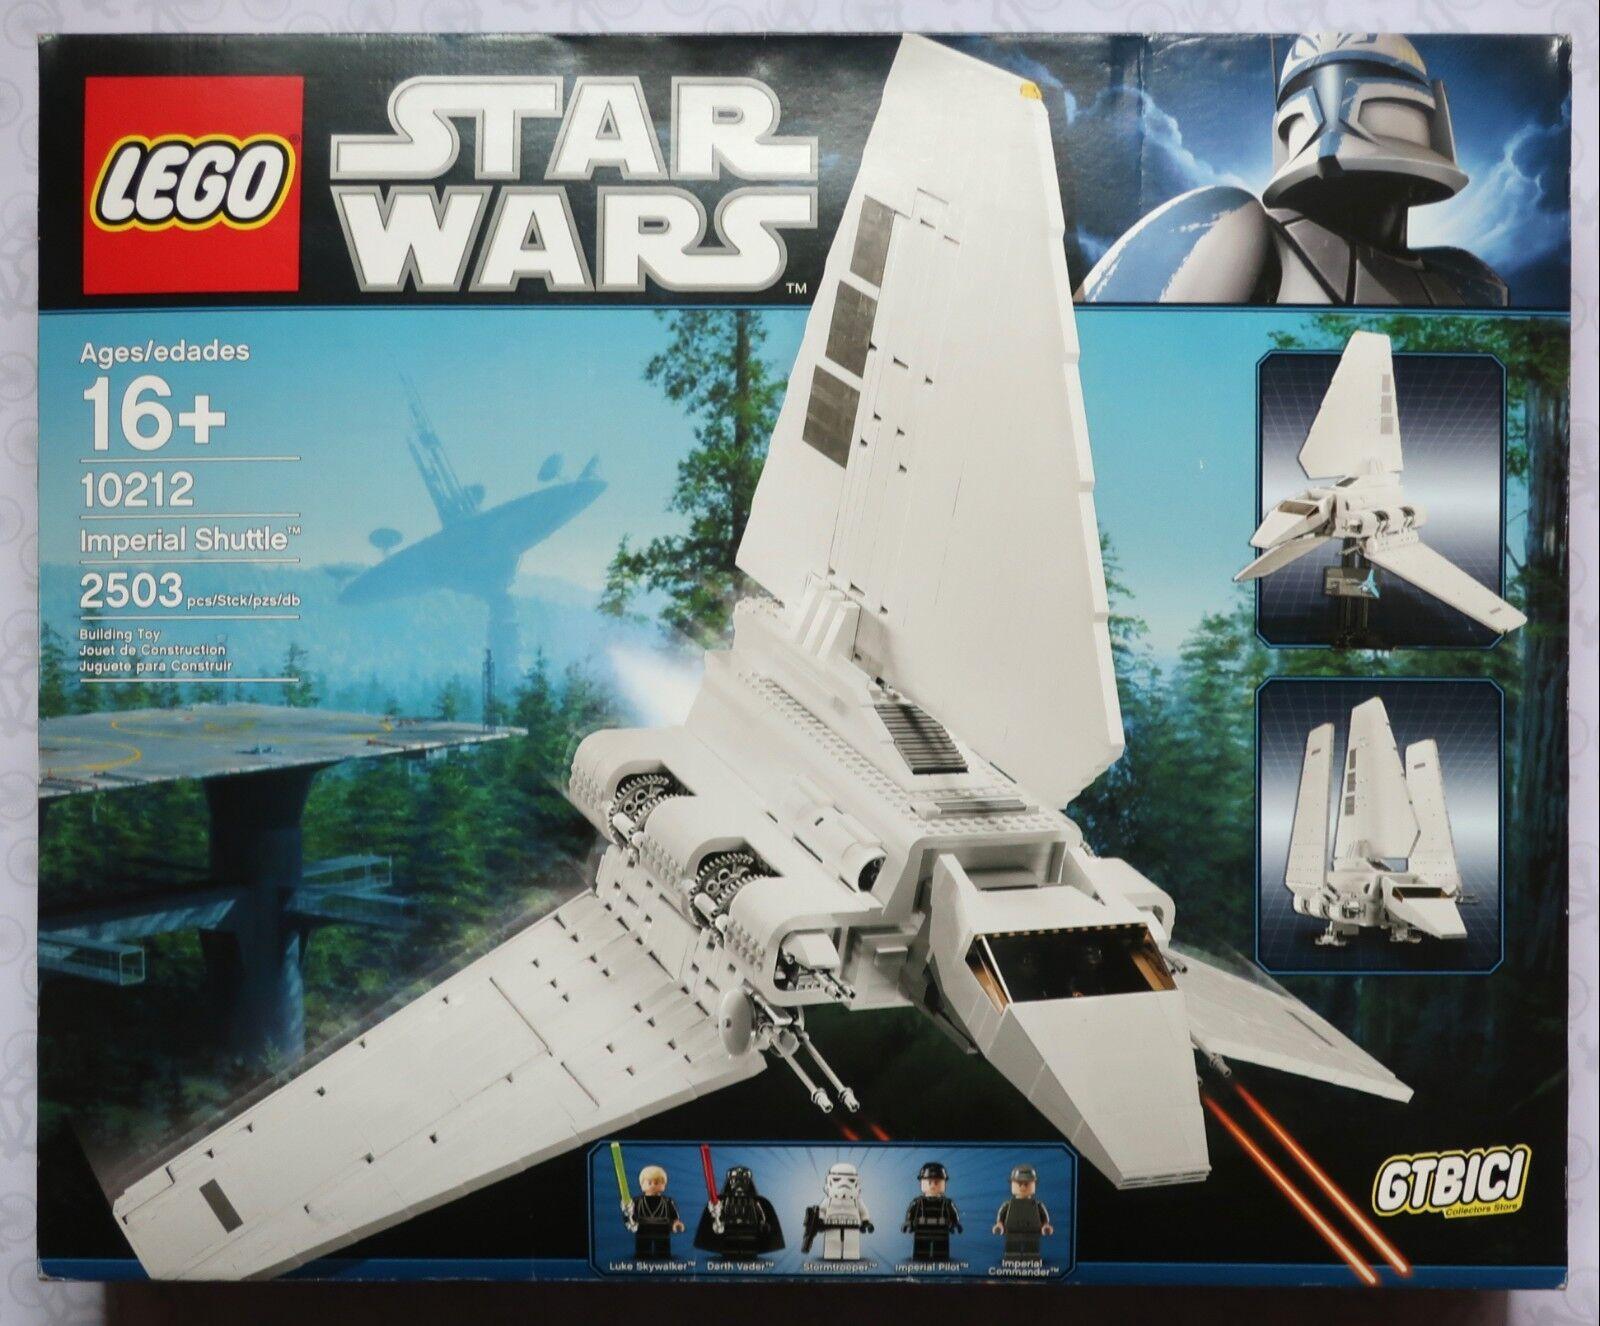 LEGO STAR WARS  UCS   `` IMPERIAL SHUTTLE ´´  Ref 10212  NUEVO A ESTRENAR